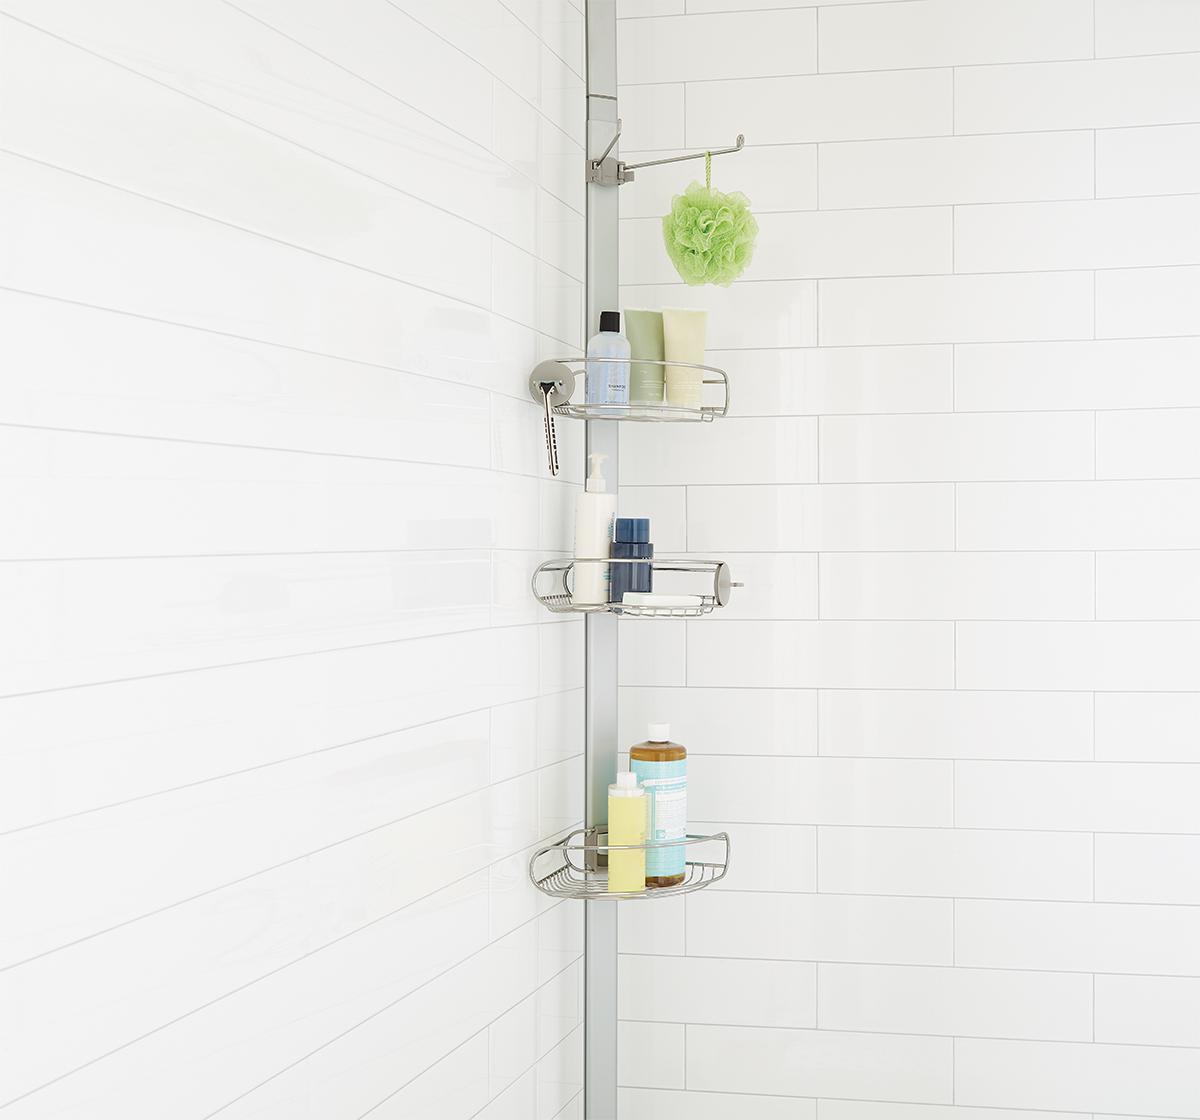 shower shelves stainless steel tension pole shower caddy ... YBTBYGR